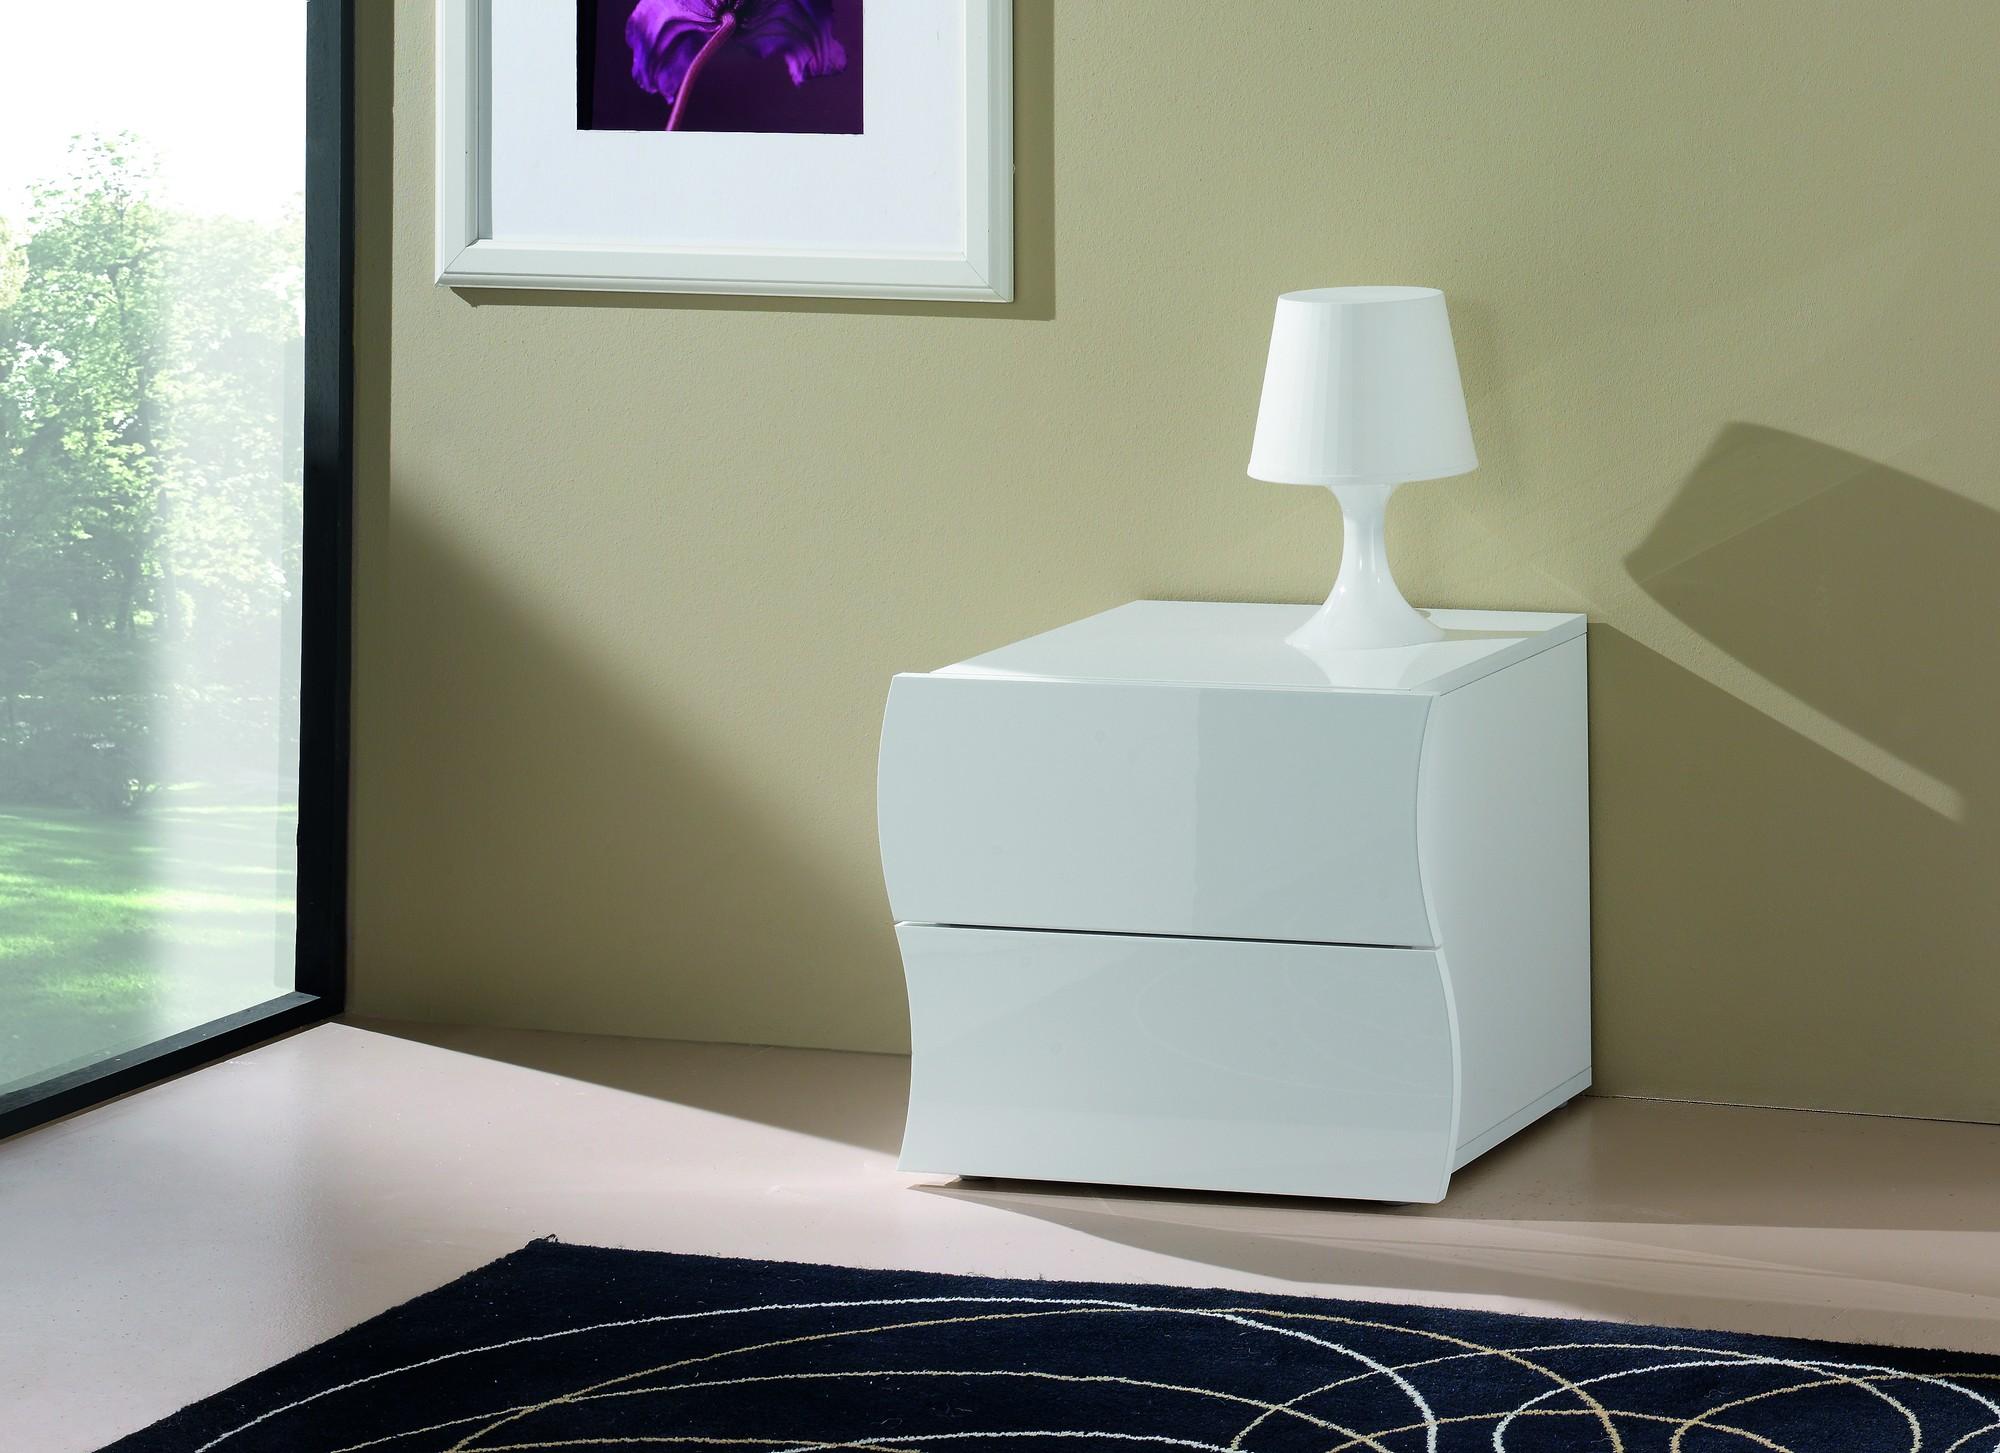 Chambre Complète Design Blanc  Noir Laqué  Novomeuble